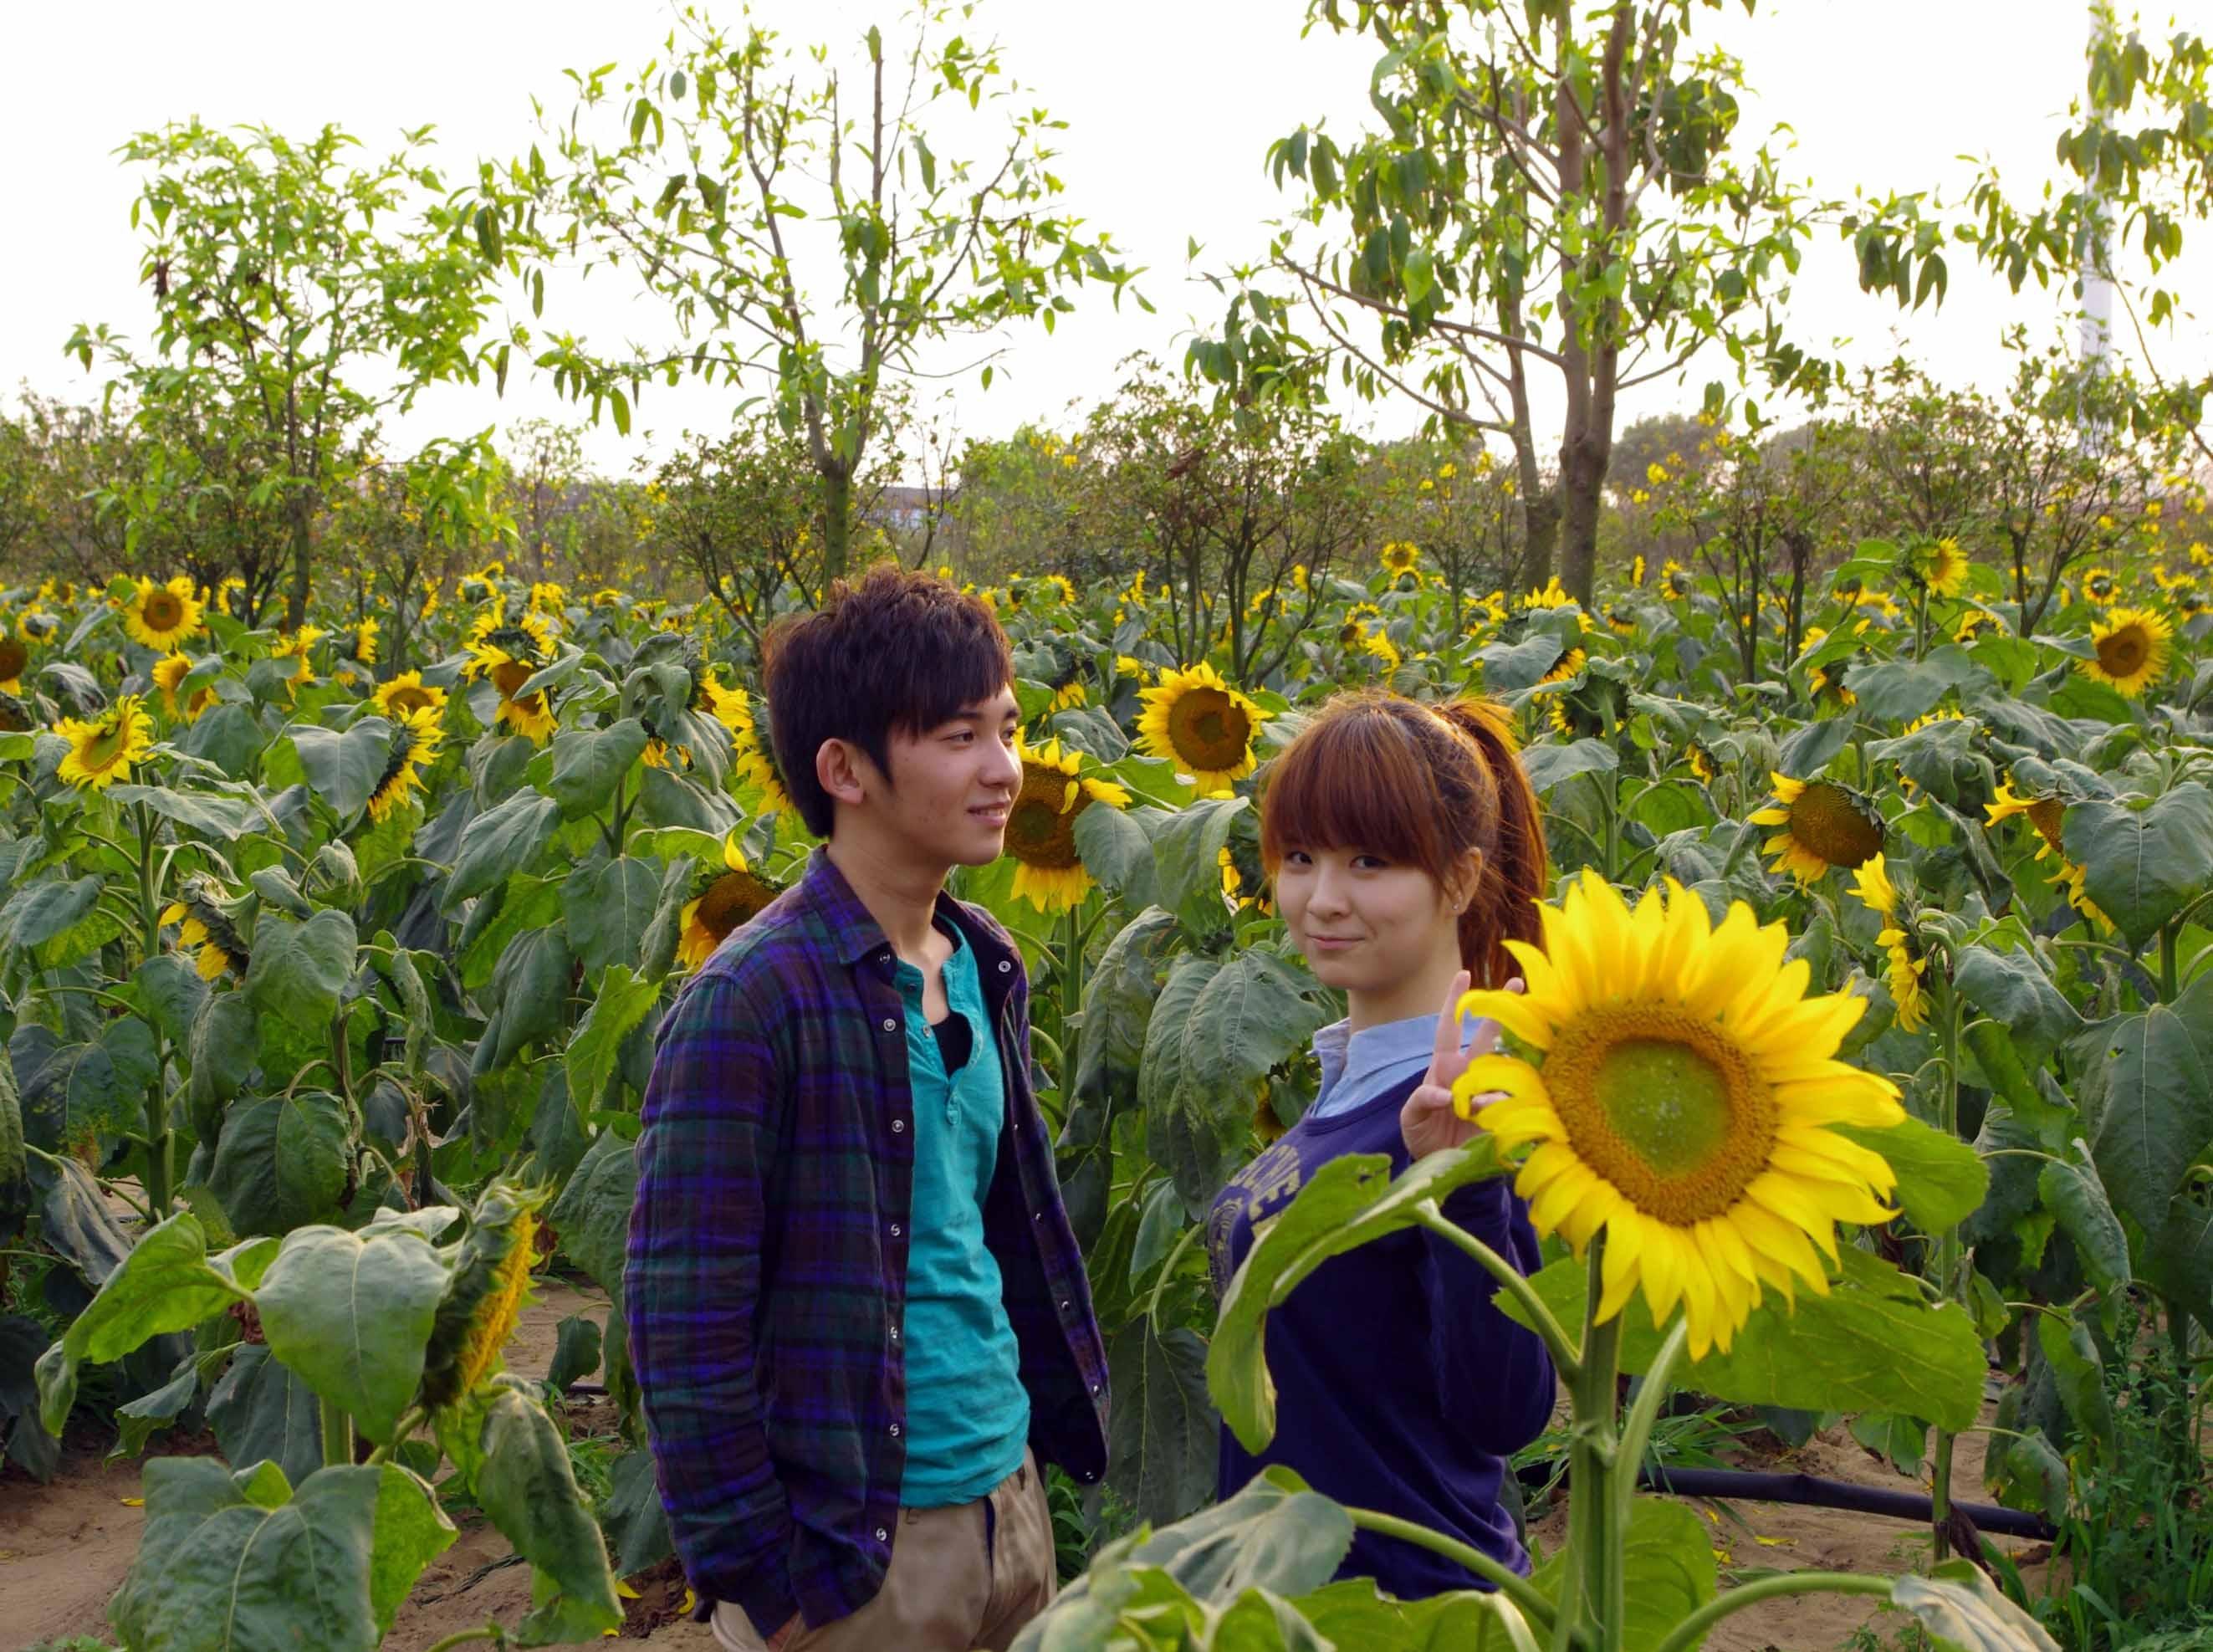 2月19日百万葵园赏花、看小松鼠休闲之旅